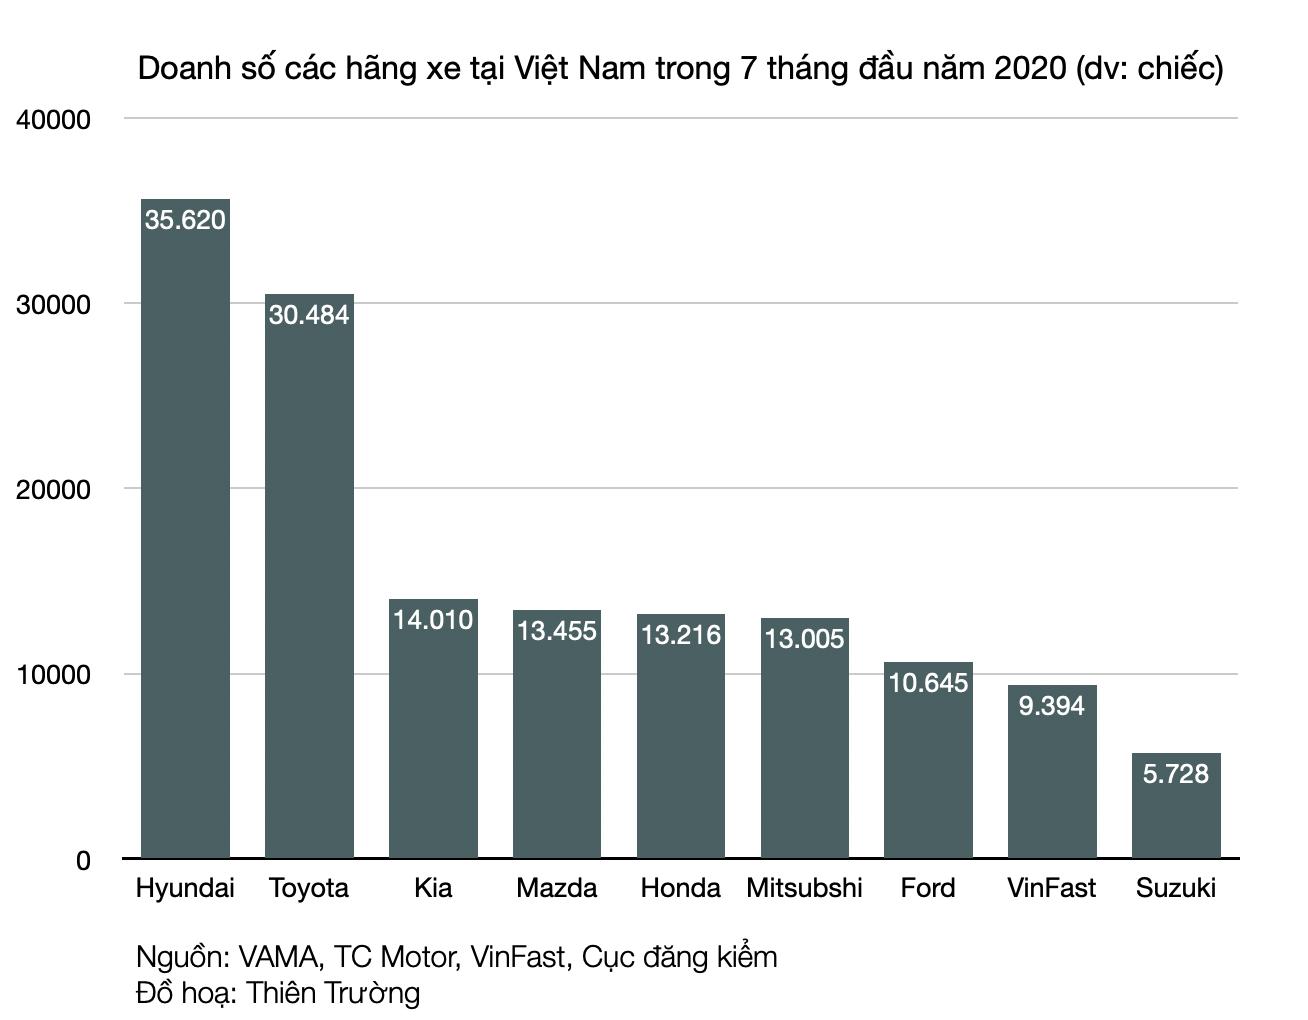 Doanh số bán xe tăng đều nhưng VinFast vẫn lỗ hàng nghìn tỉ đồng trong nửa đầu năm 2020 - Ảnh 2.